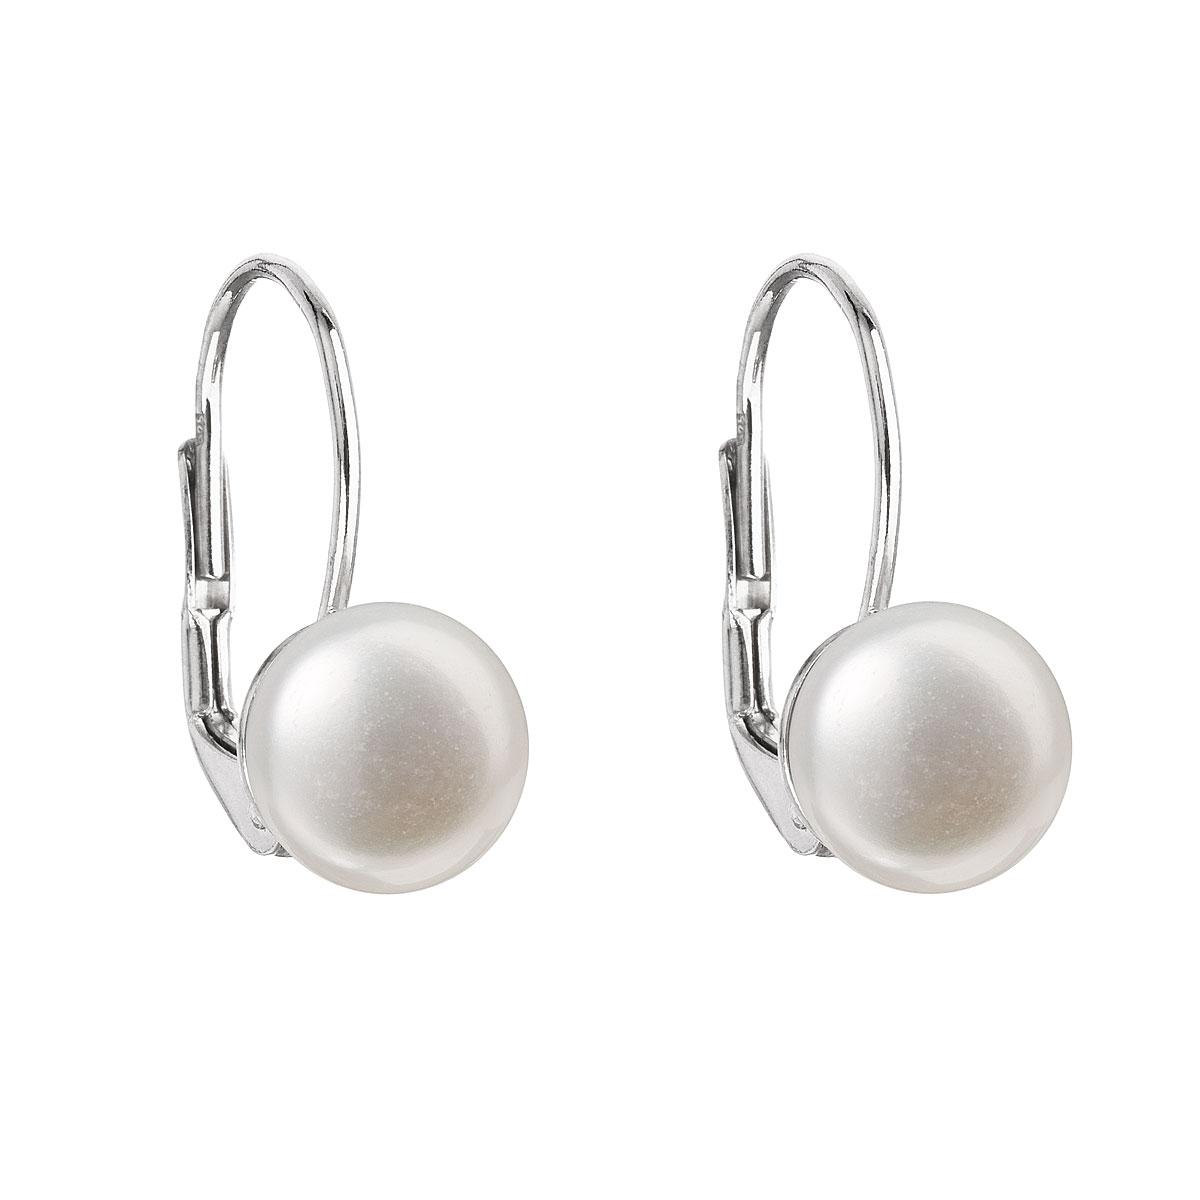 Evolution Group Stříbrné náušnice visací s bílou říční perlou 21009.1